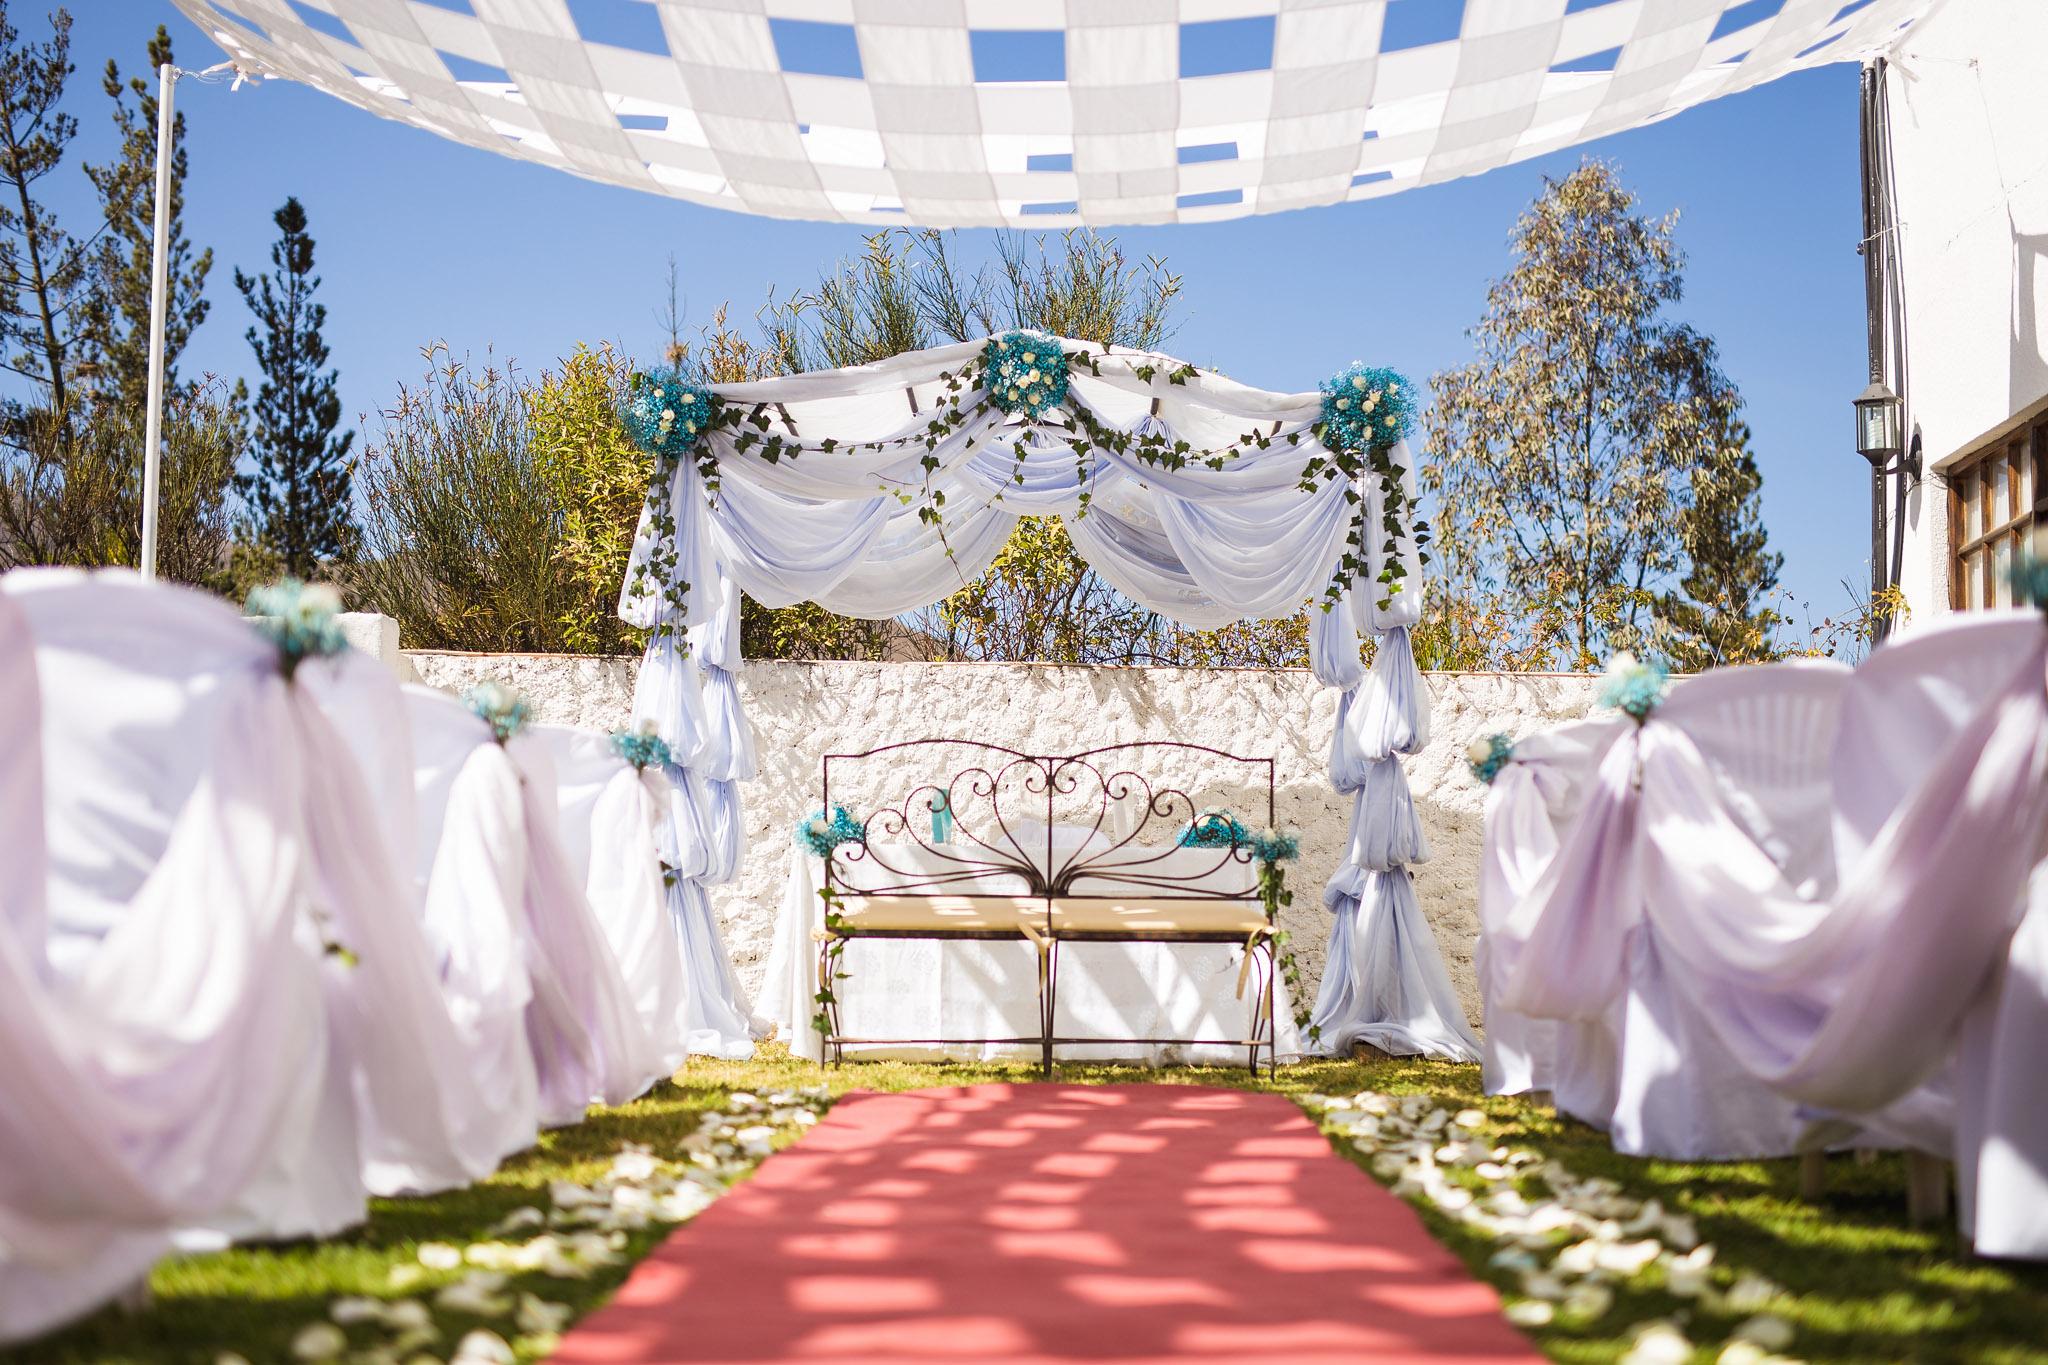 white-blue-wedding-decoration-ceremony-garden